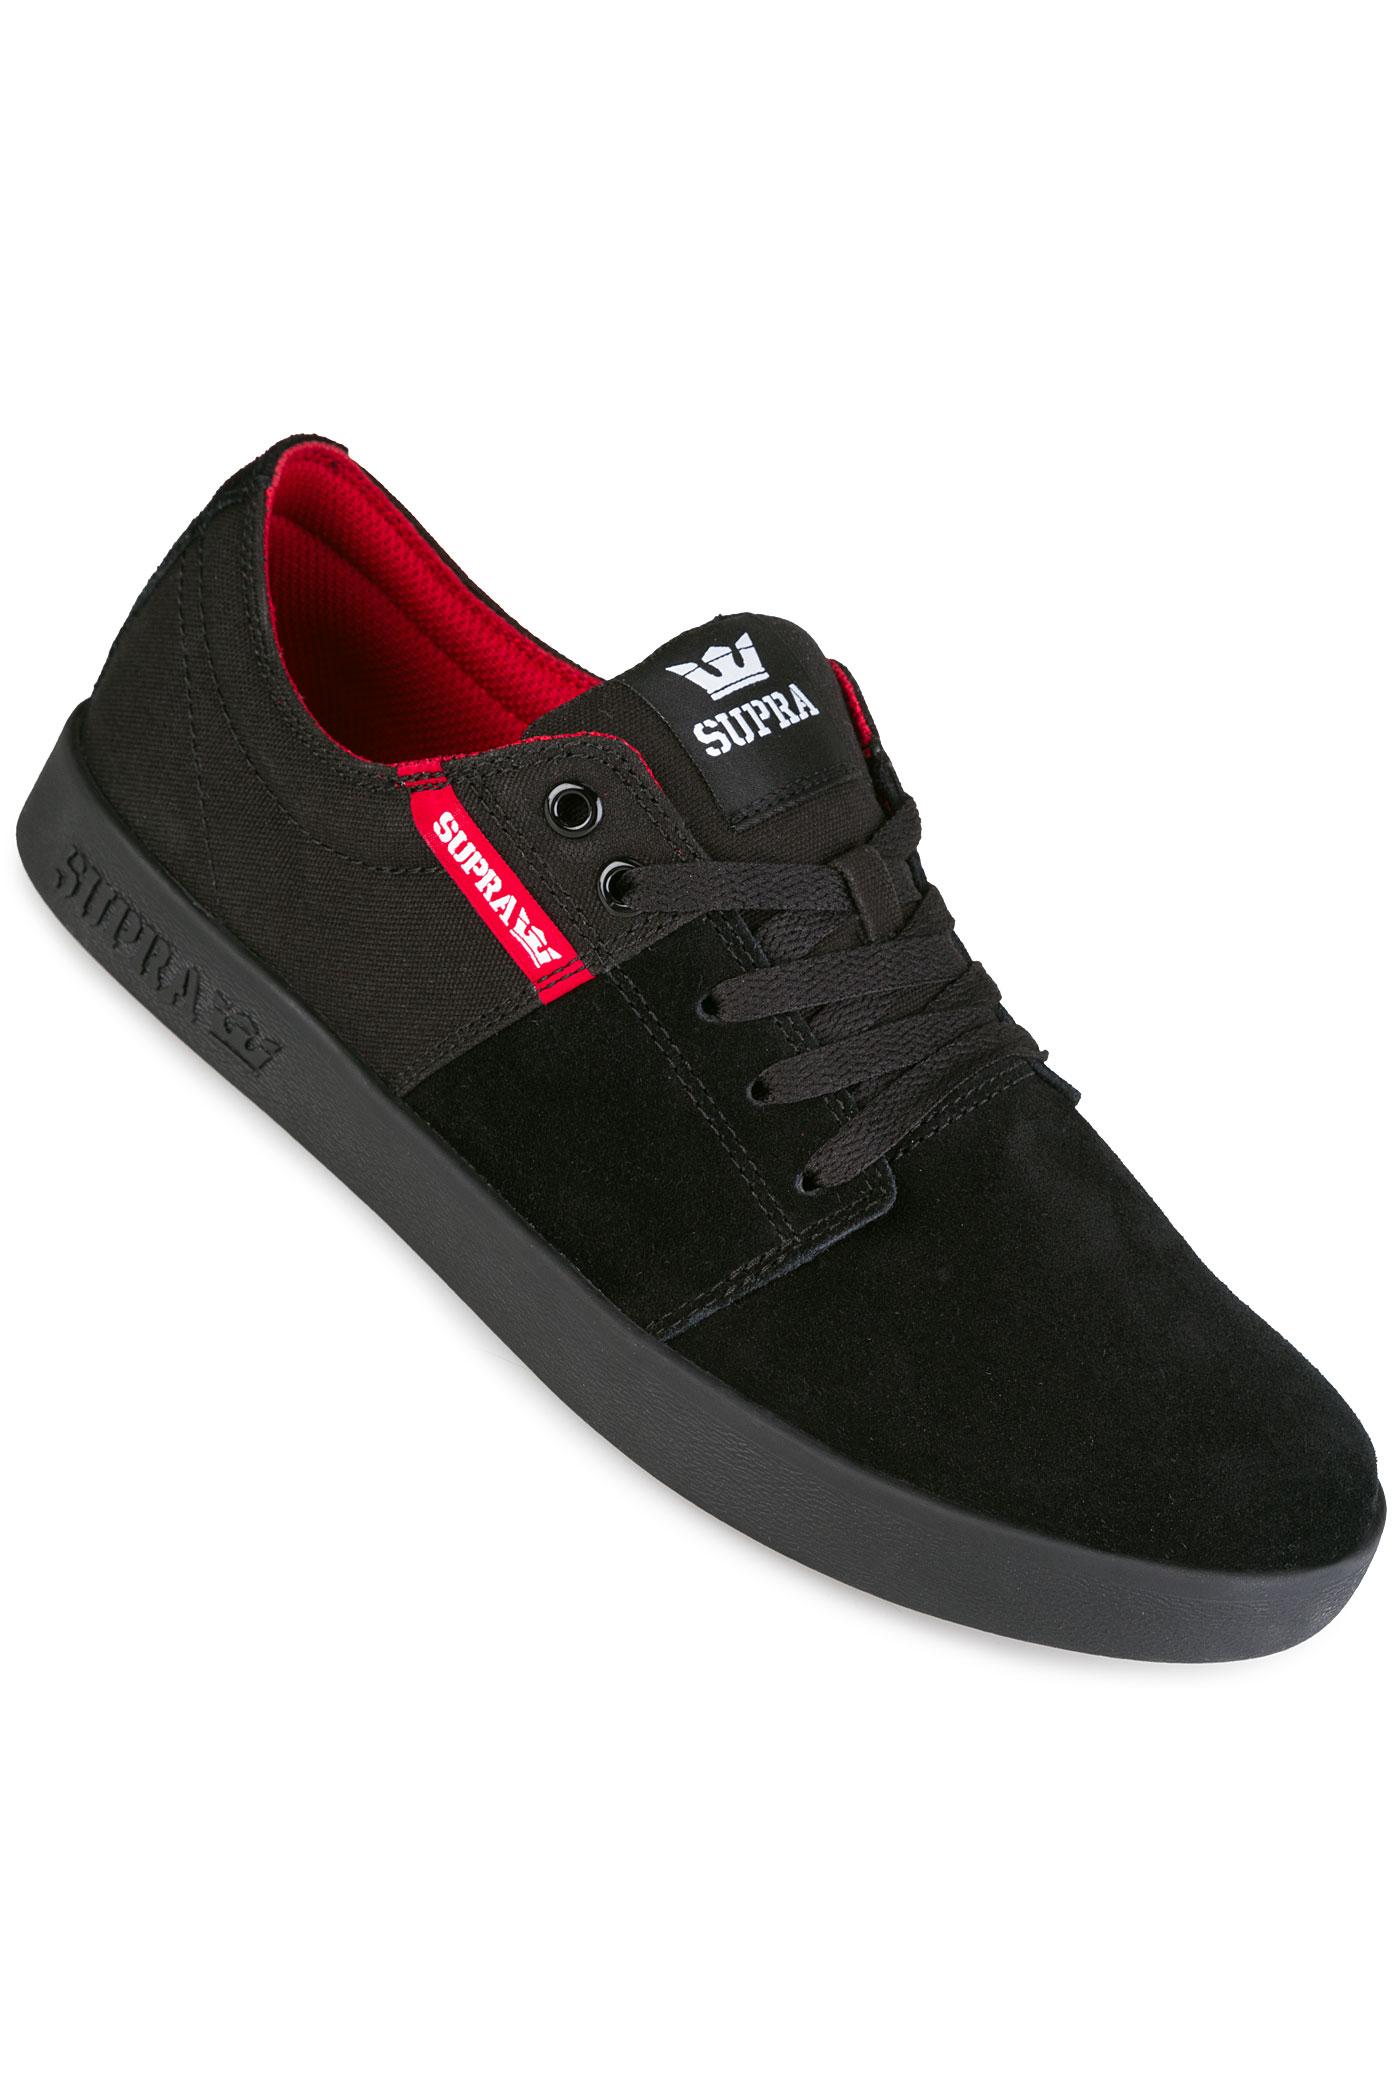 Supra Stacks II Shoe (black red black) buy at skatedeluxe e5ce7483b